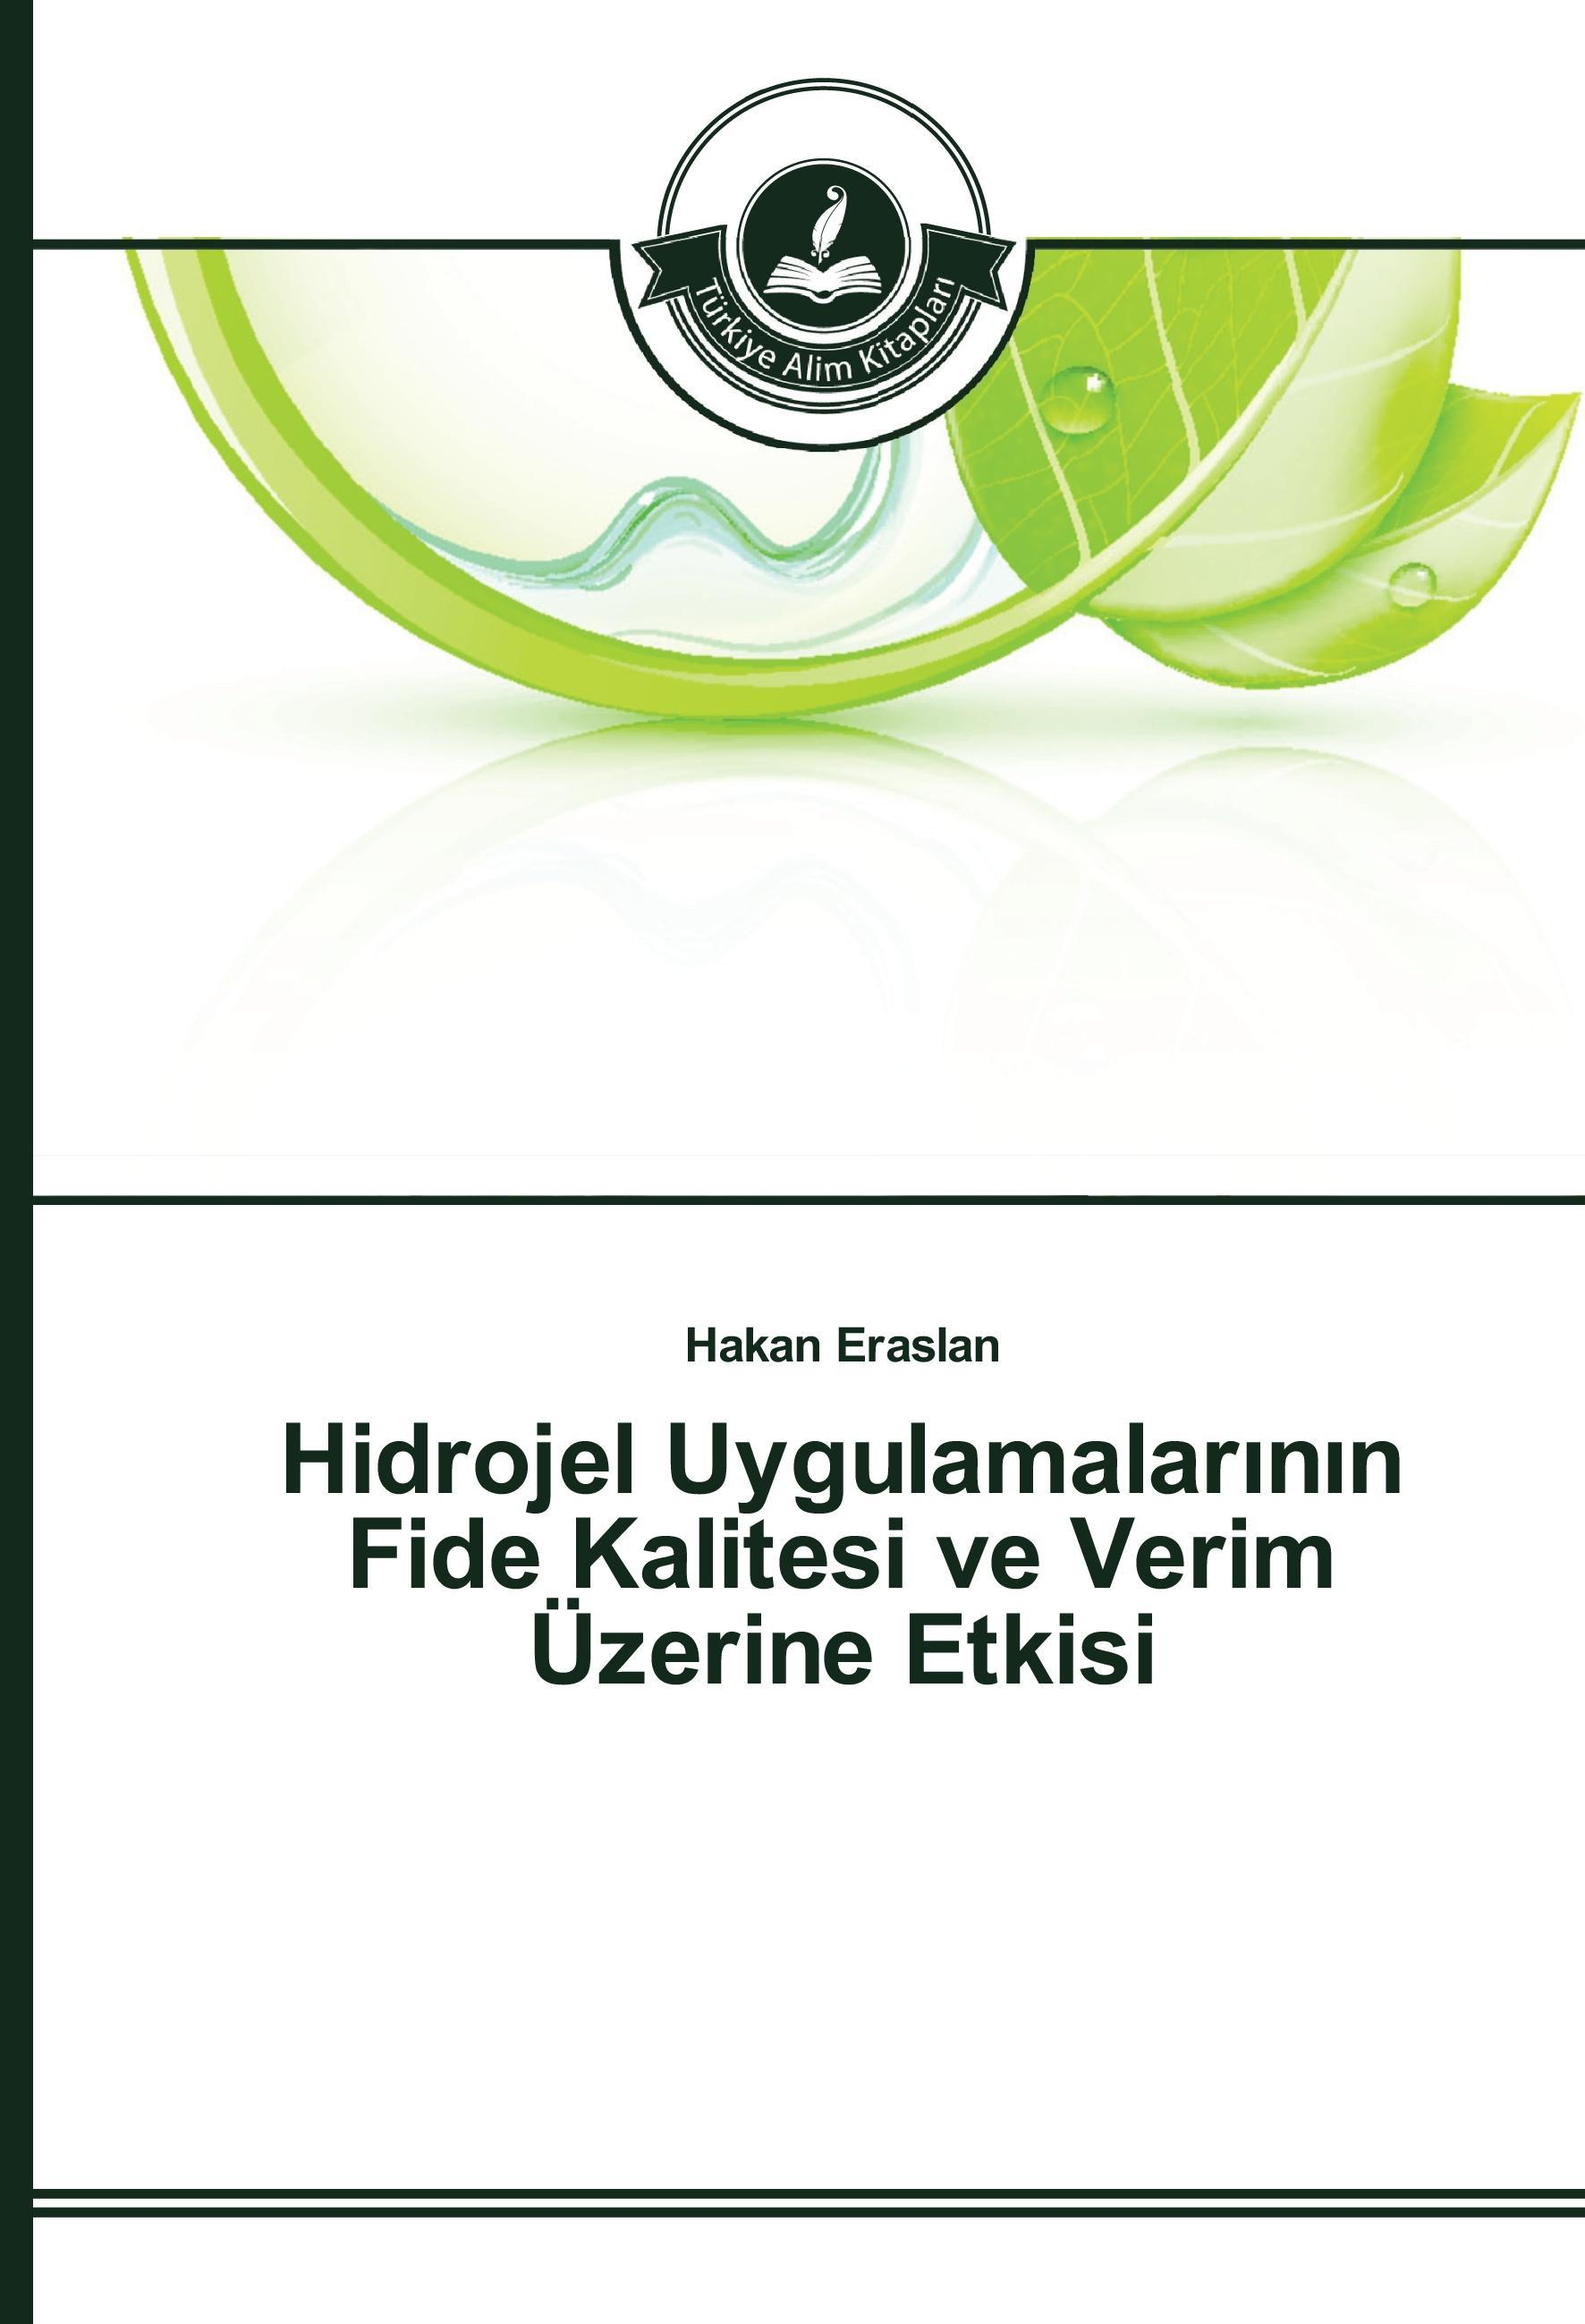 Hidrojel Uygulamalarinin Fide Kalitesi ve Verim Uezerine Etkisi - Eraslan, Hakan